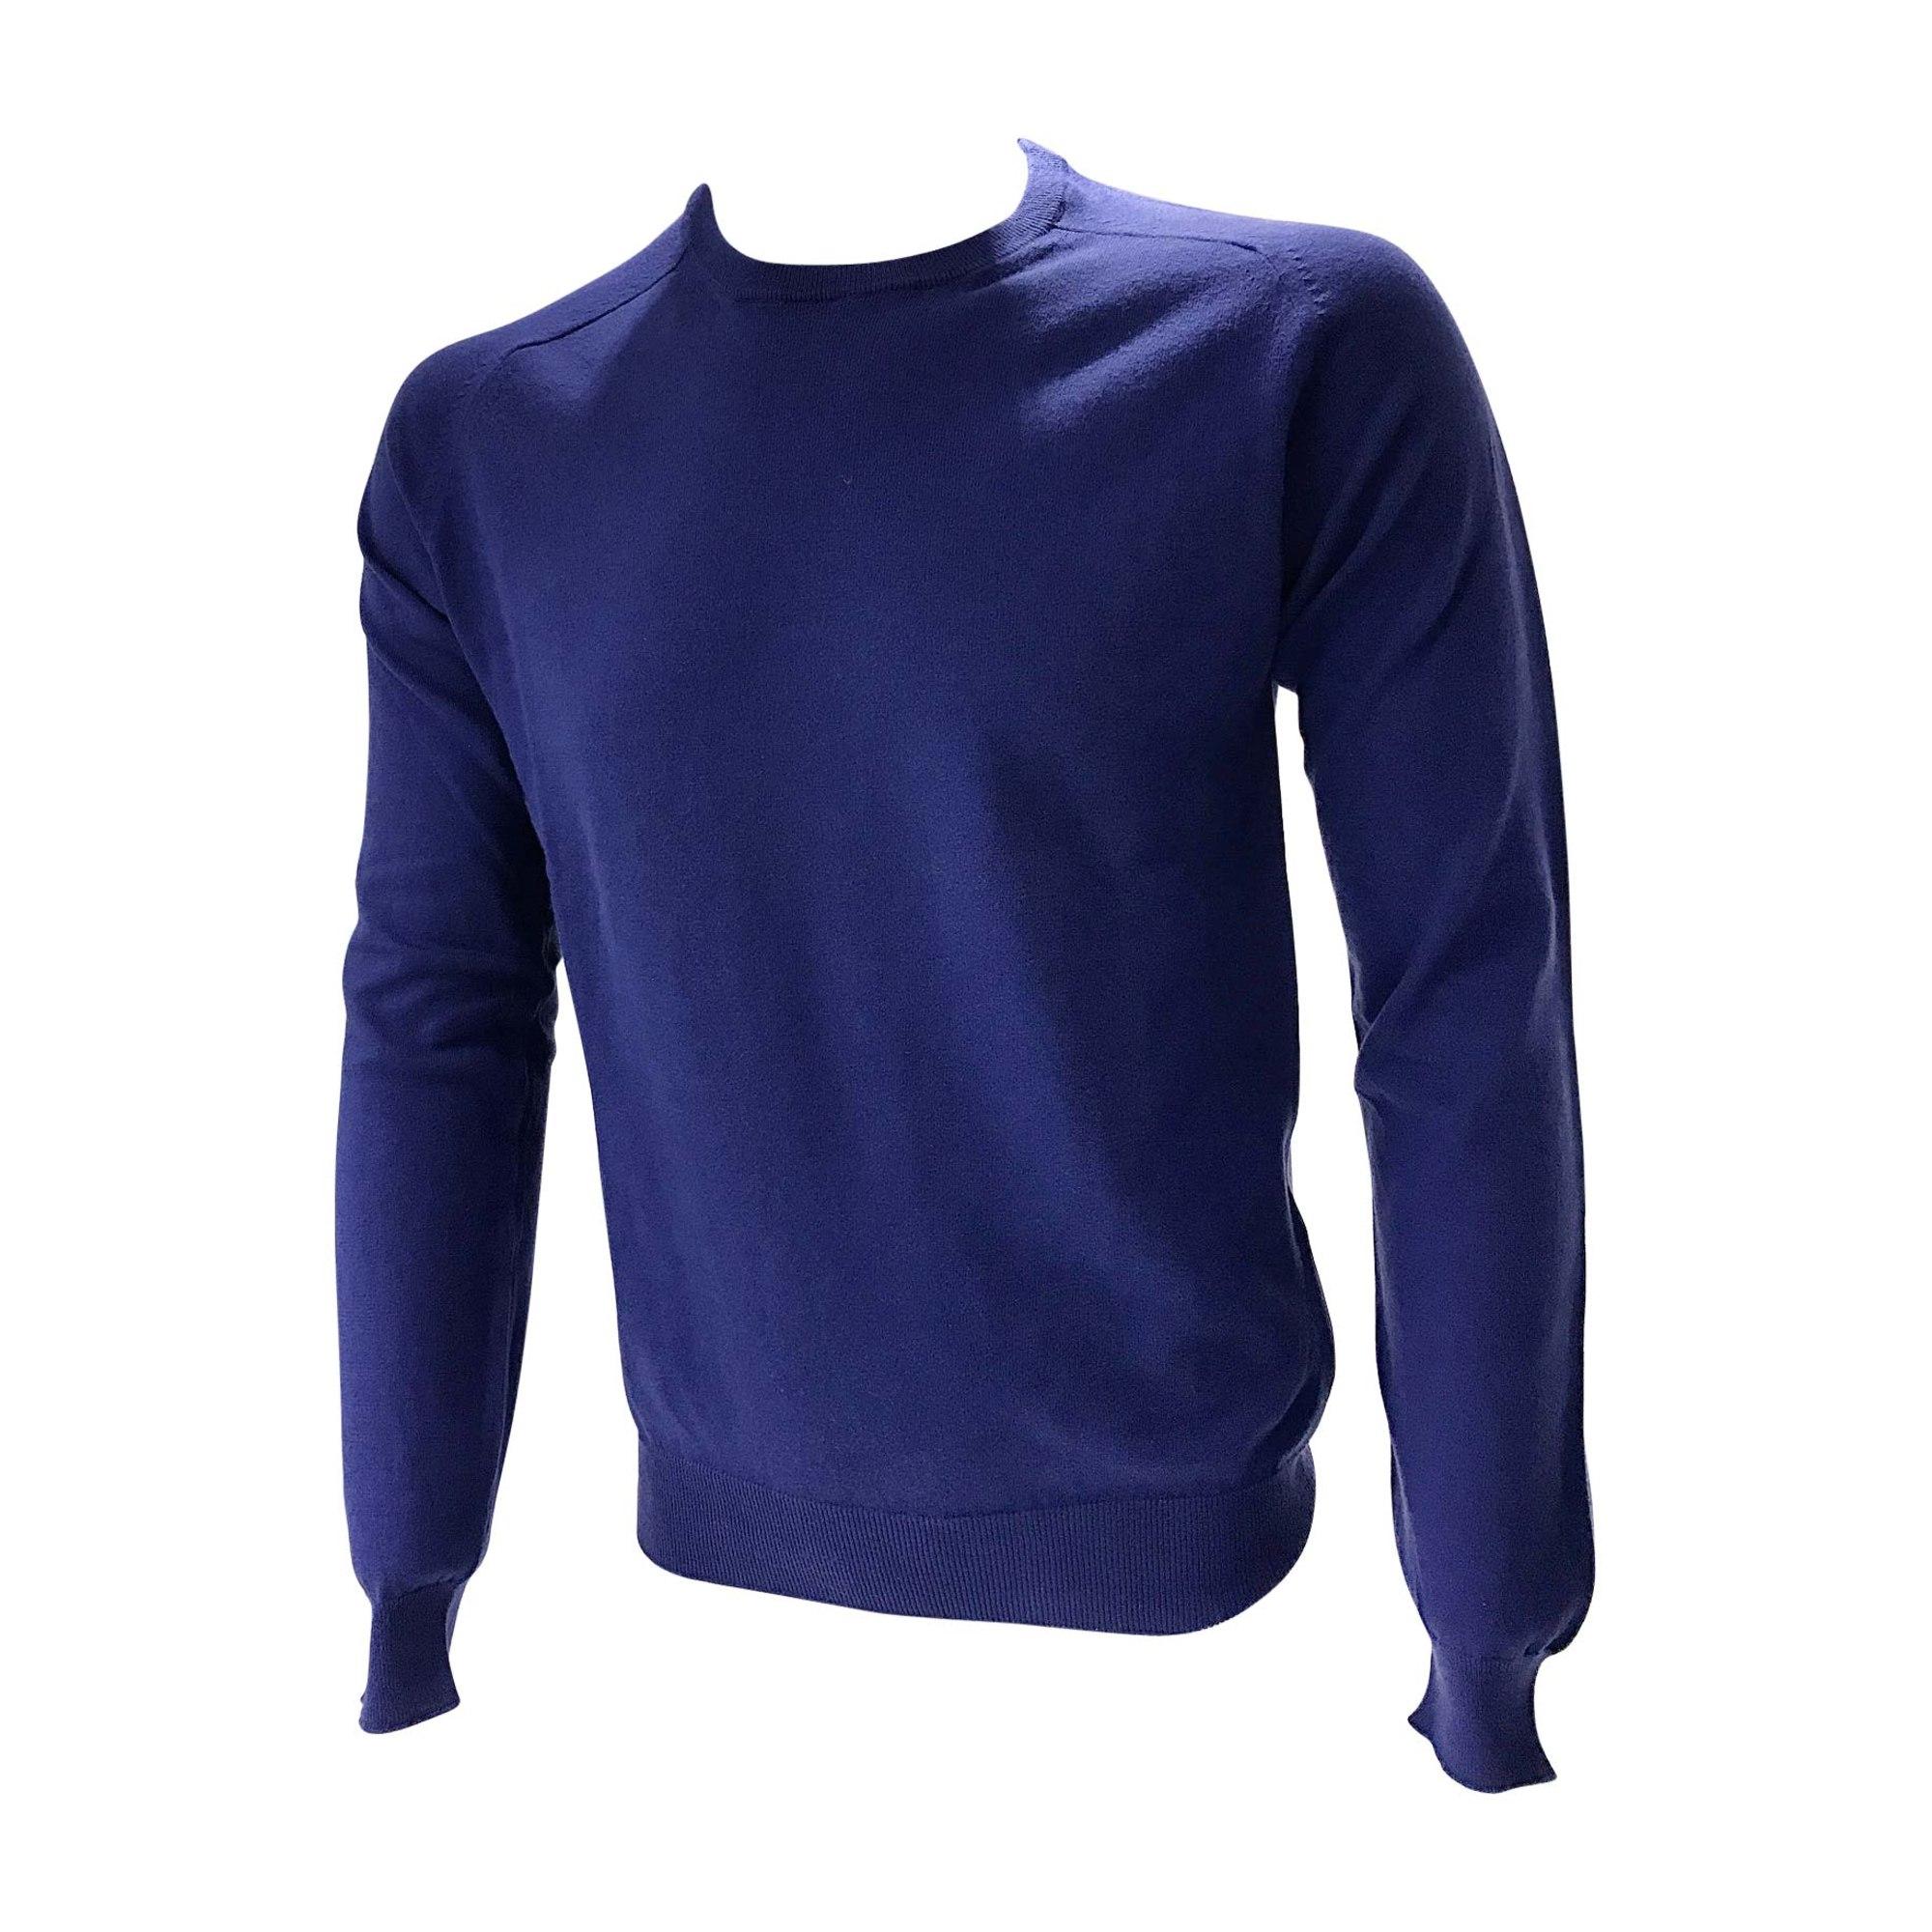 Modadiandrea Pull Vendu l Bleu 3 Prada 5650065 Par xxpgCqSw